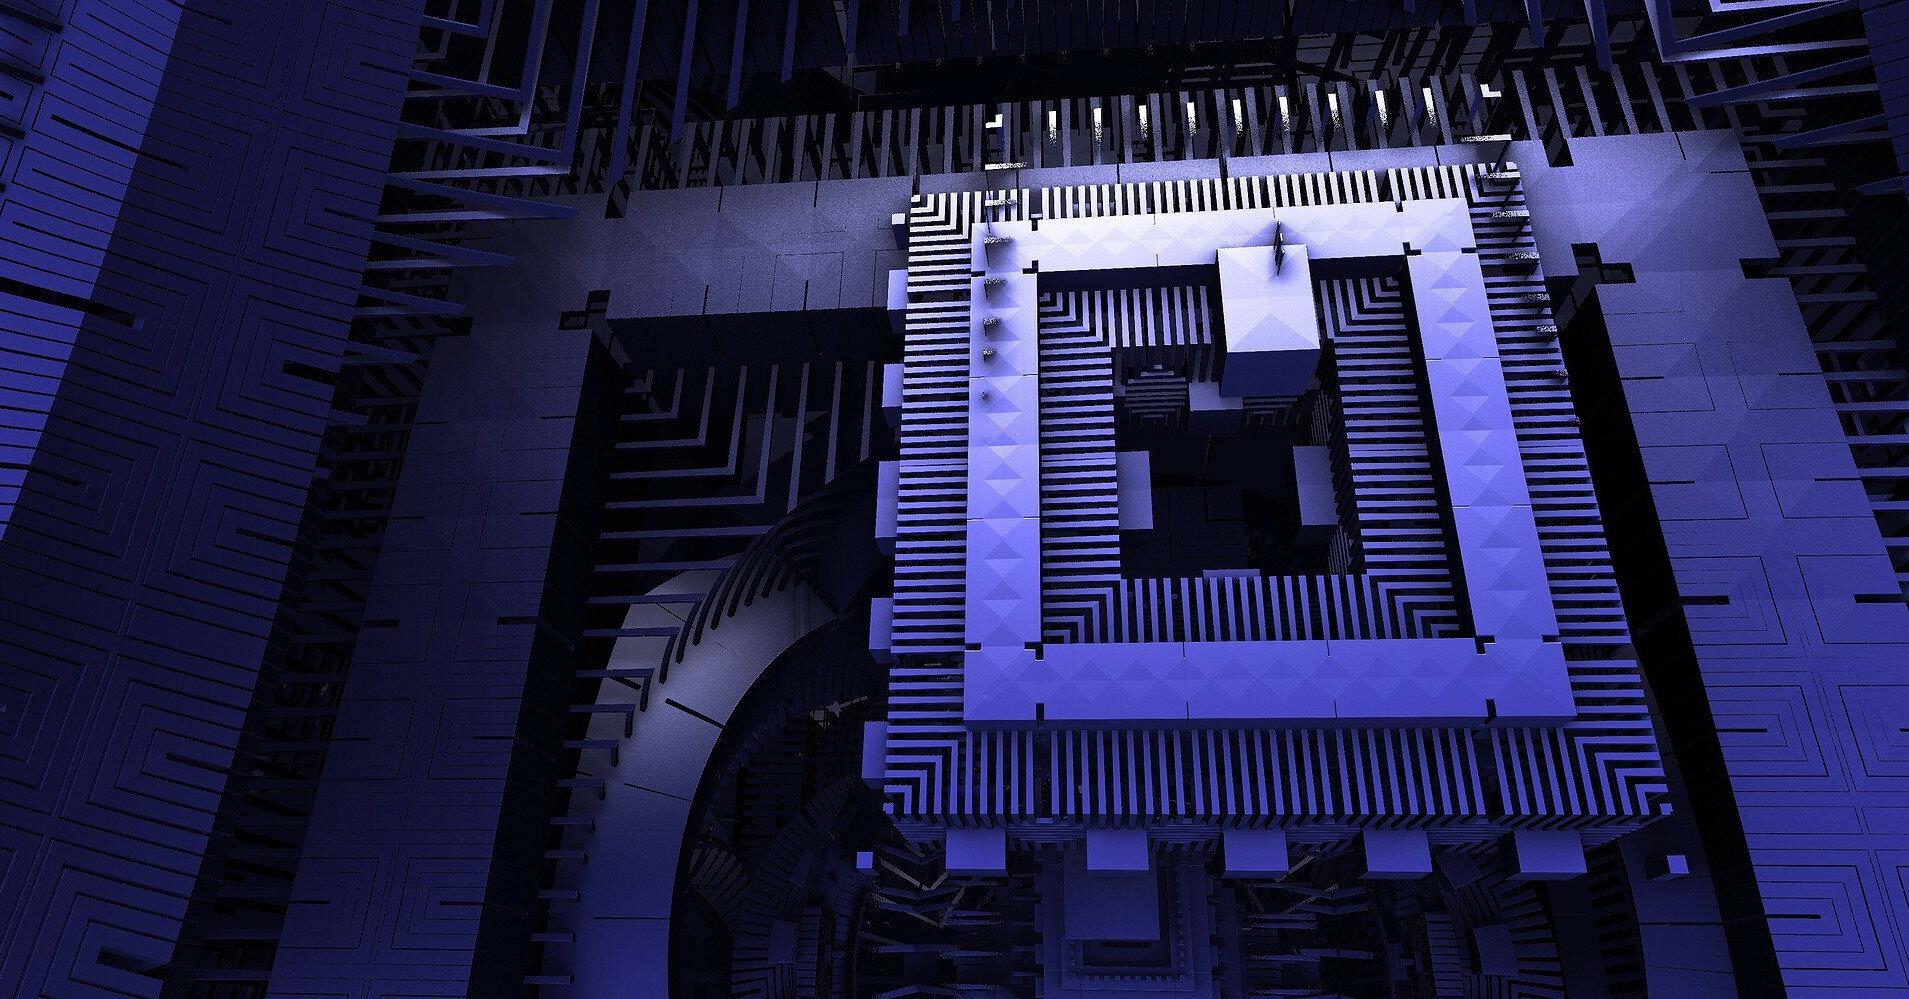 Ученые вывели квантовую электронику на новый уровень